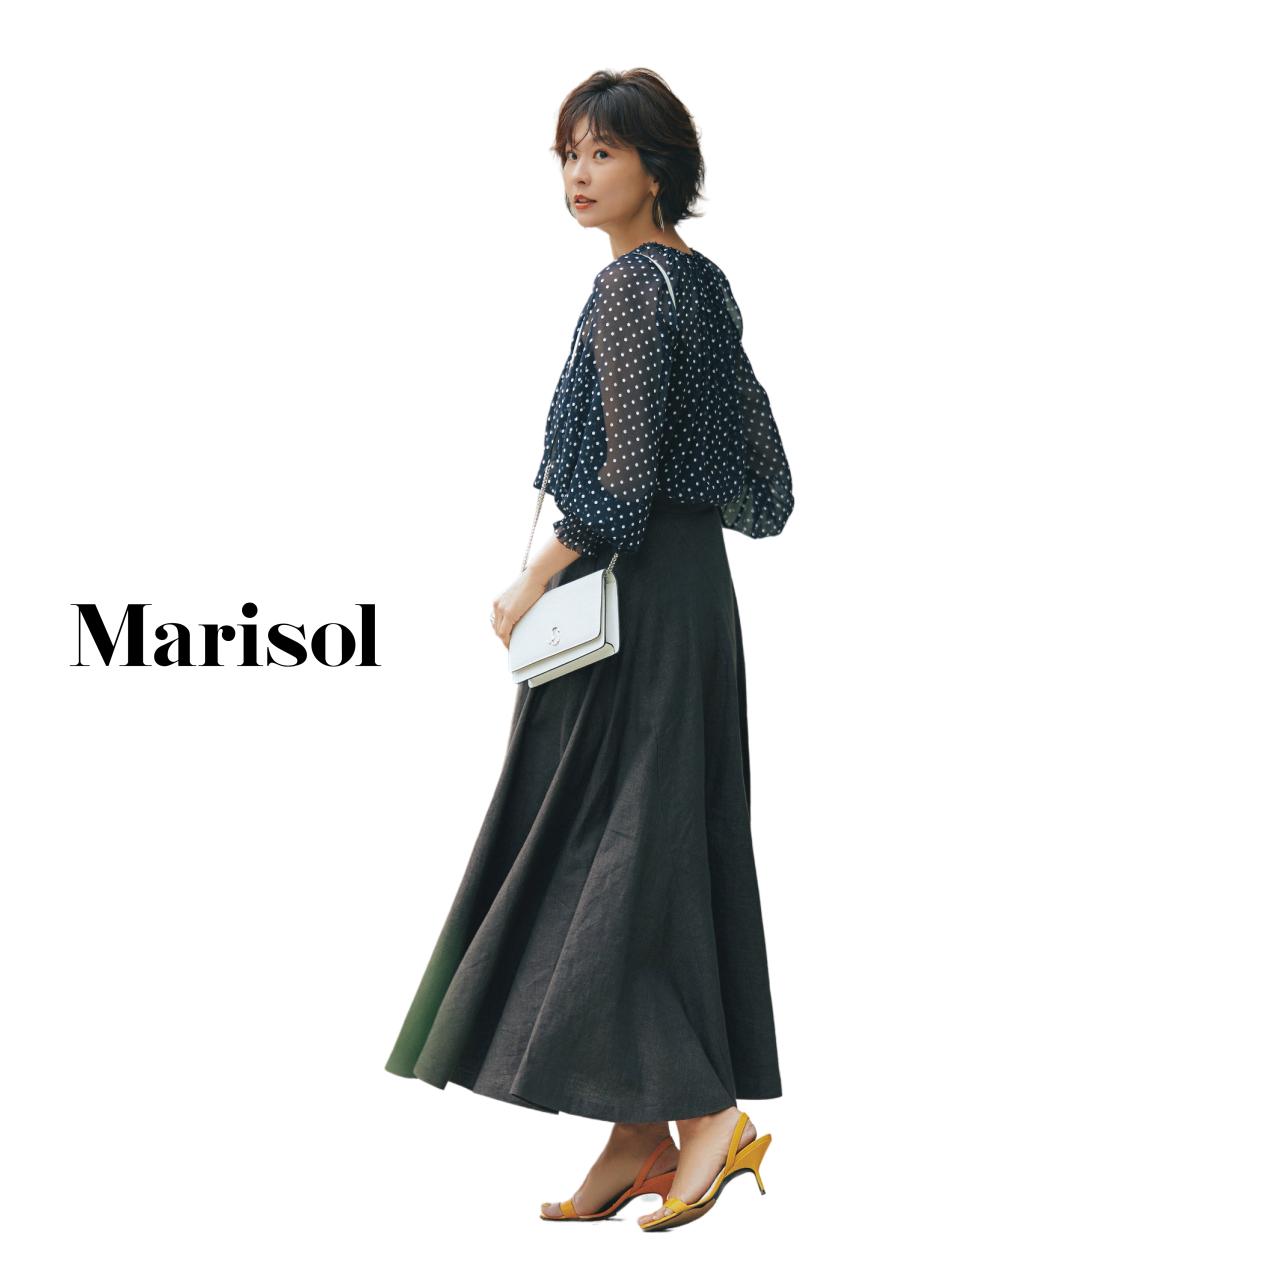 40代ファッション ドットシフォンブラウス×黒スカートコーデ